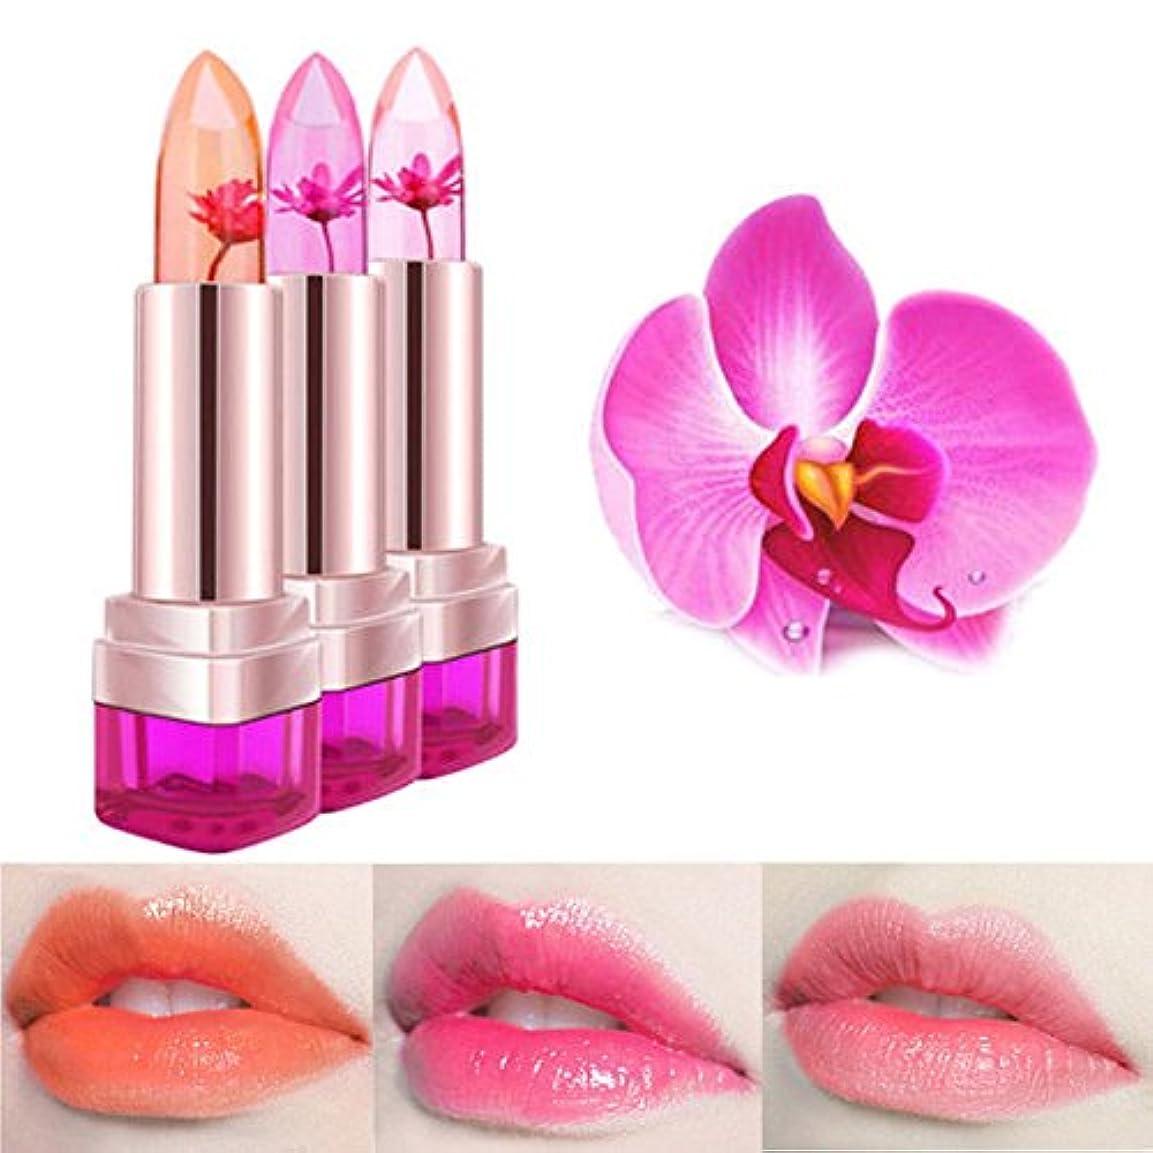 暗記する宇宙エーカーToygogo 長続きがする唇の光沢の美を変える3pc魔法のゼリーの花の口紅色 - 04, ワンサイズ